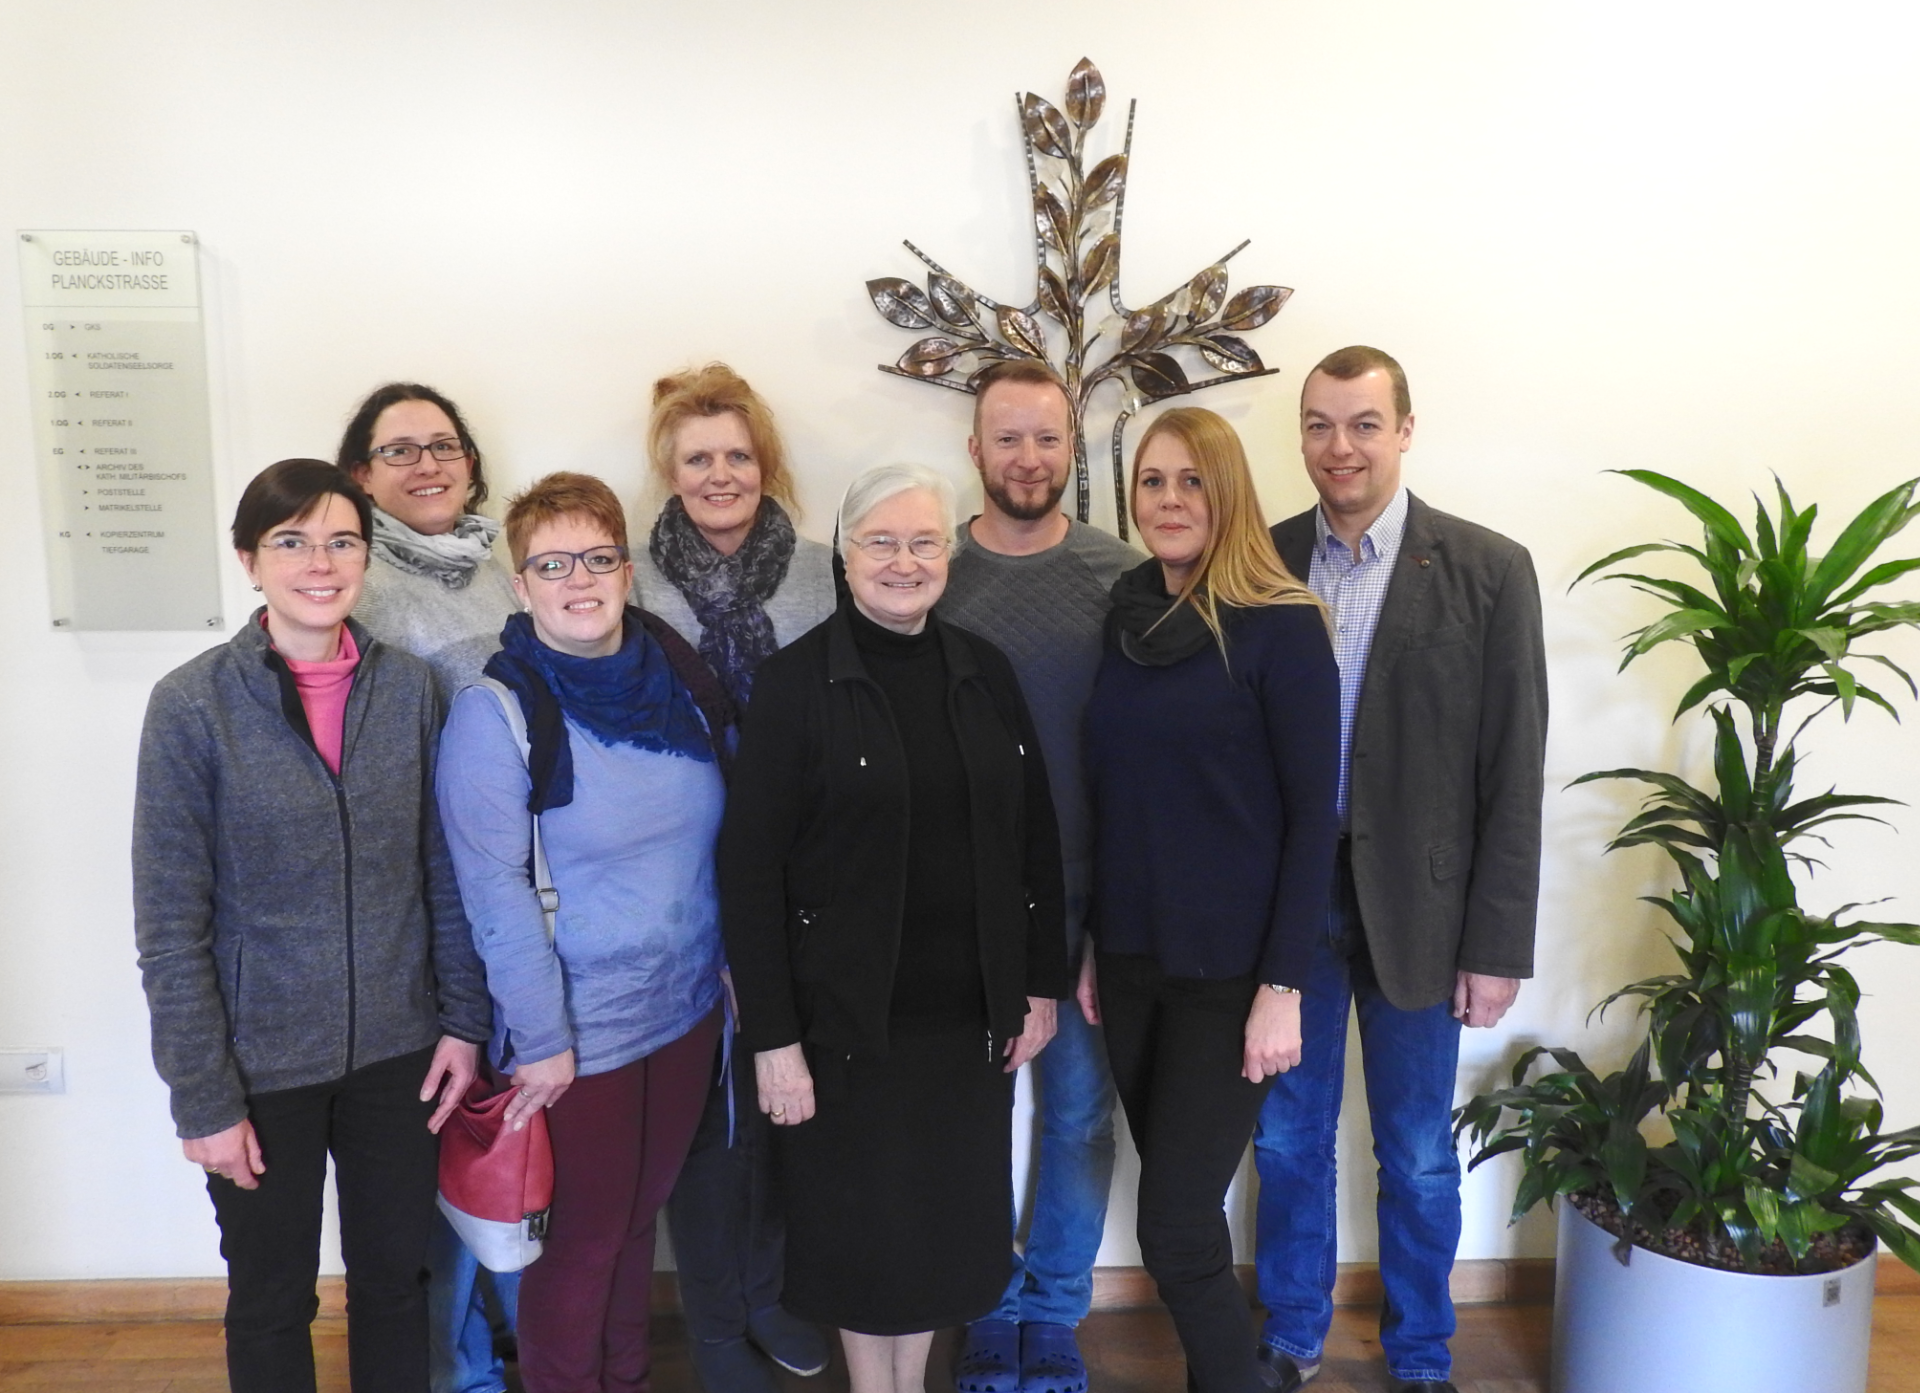 Gruppenfoto der Mitglieder des Sachausschusses